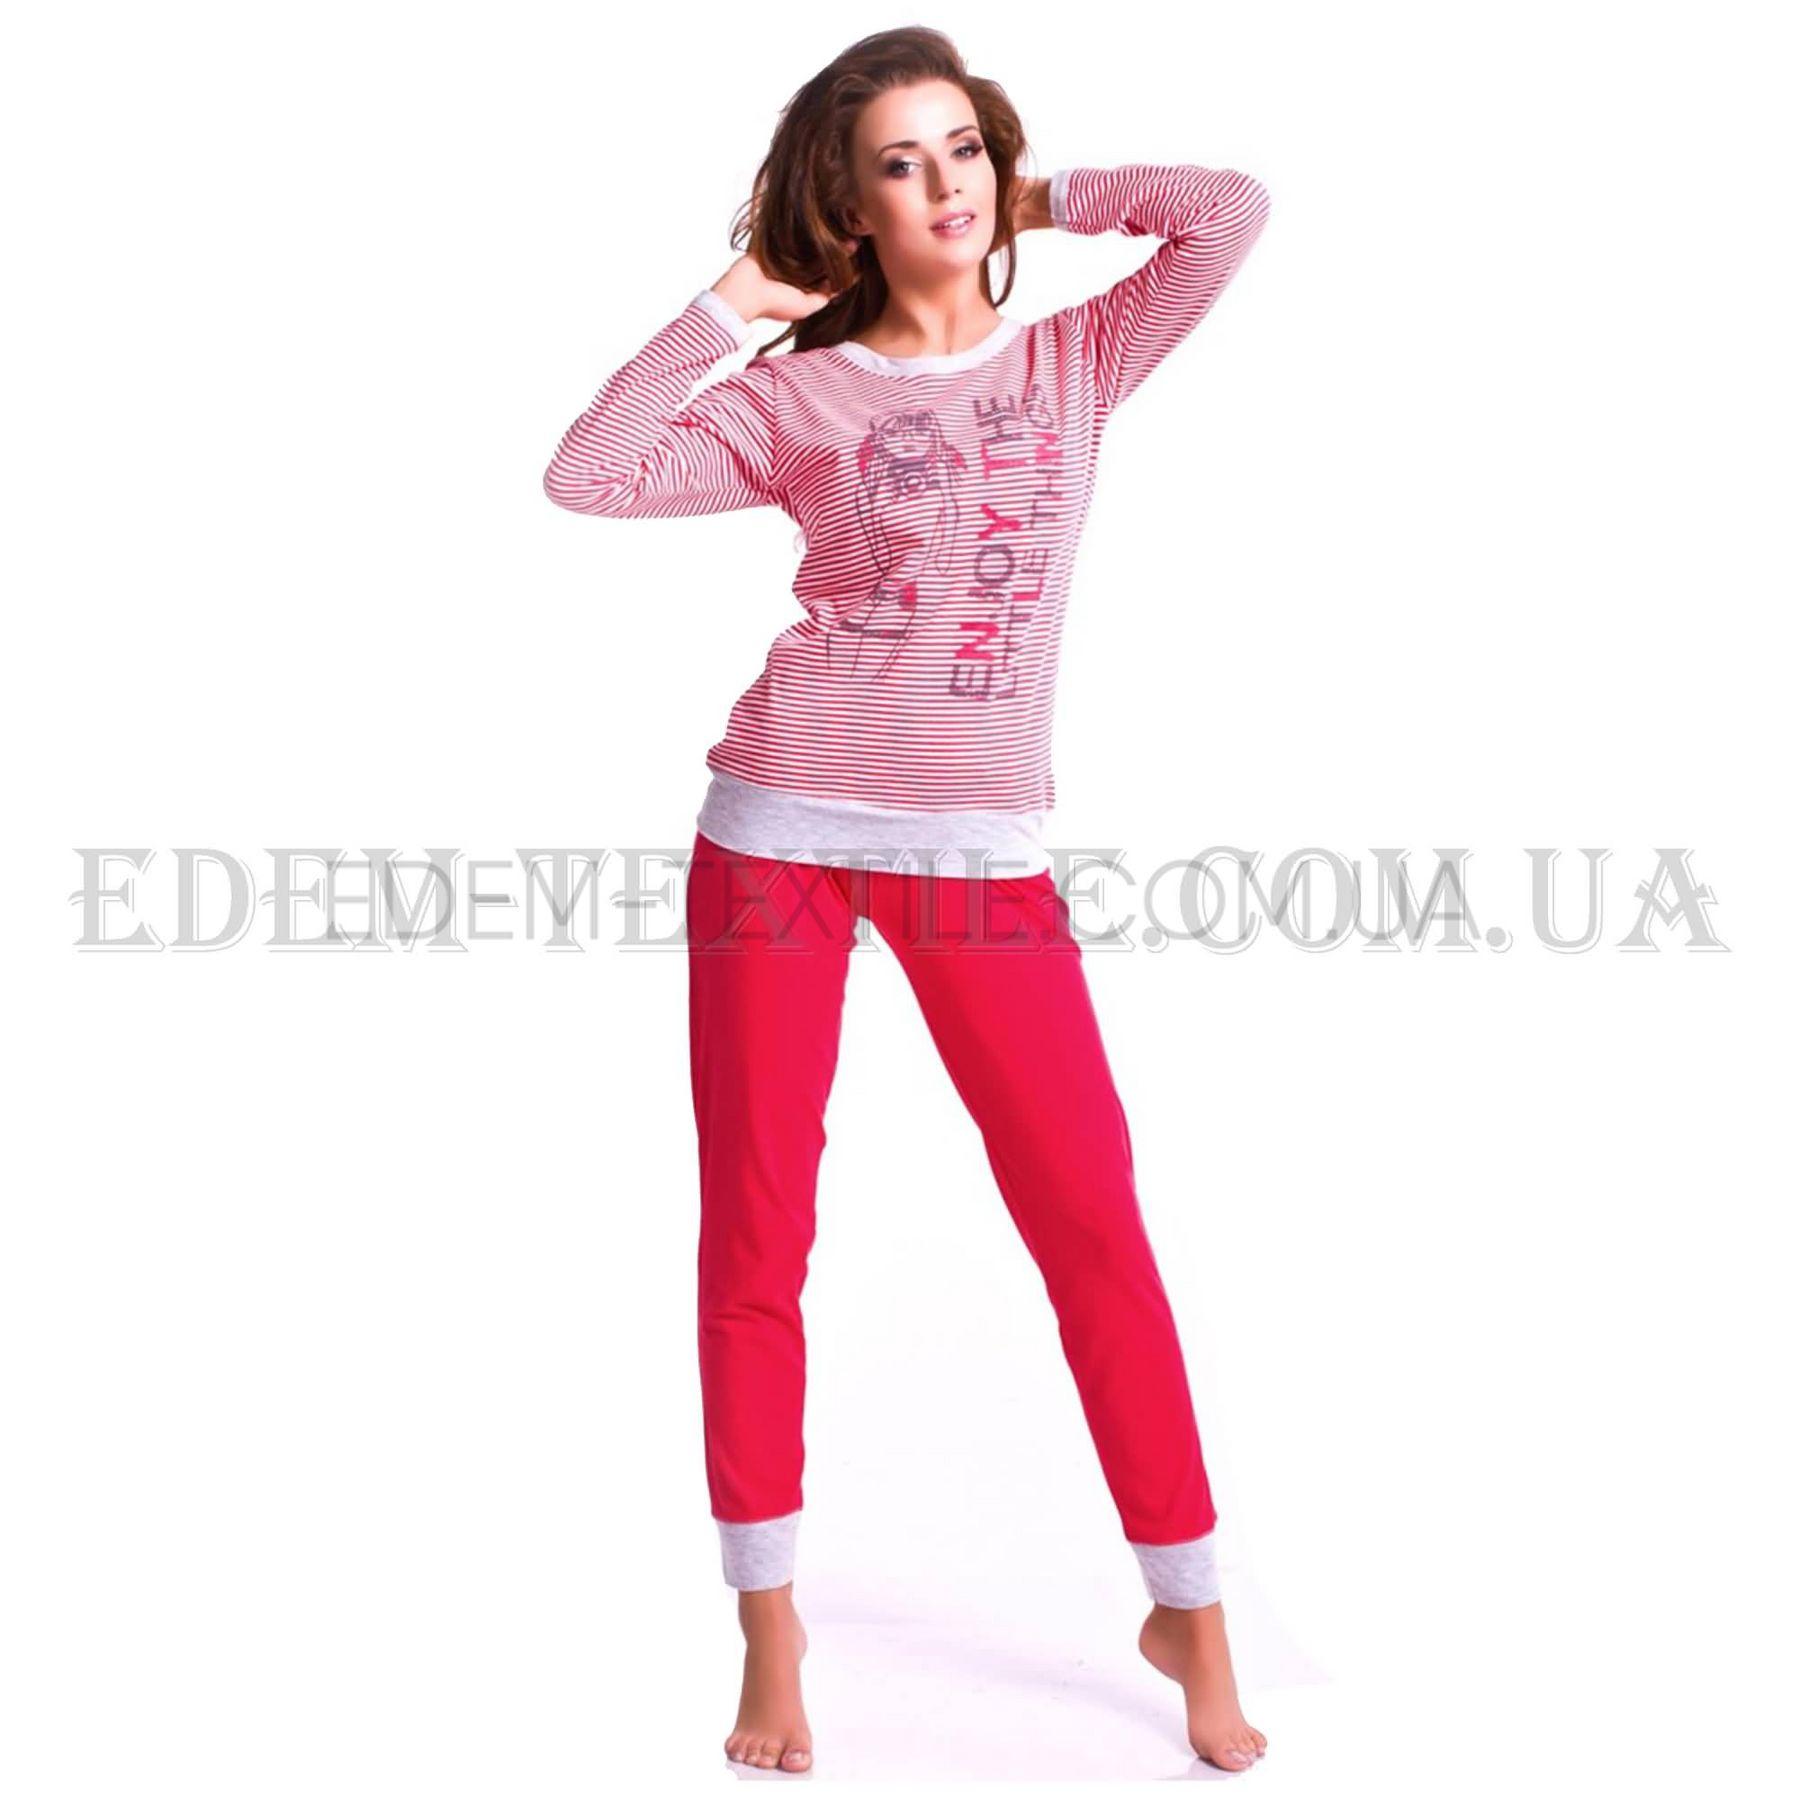 Піжама жіноча трикотажна купити в Інтернет Магазині Піжам 10e45841ea7fd